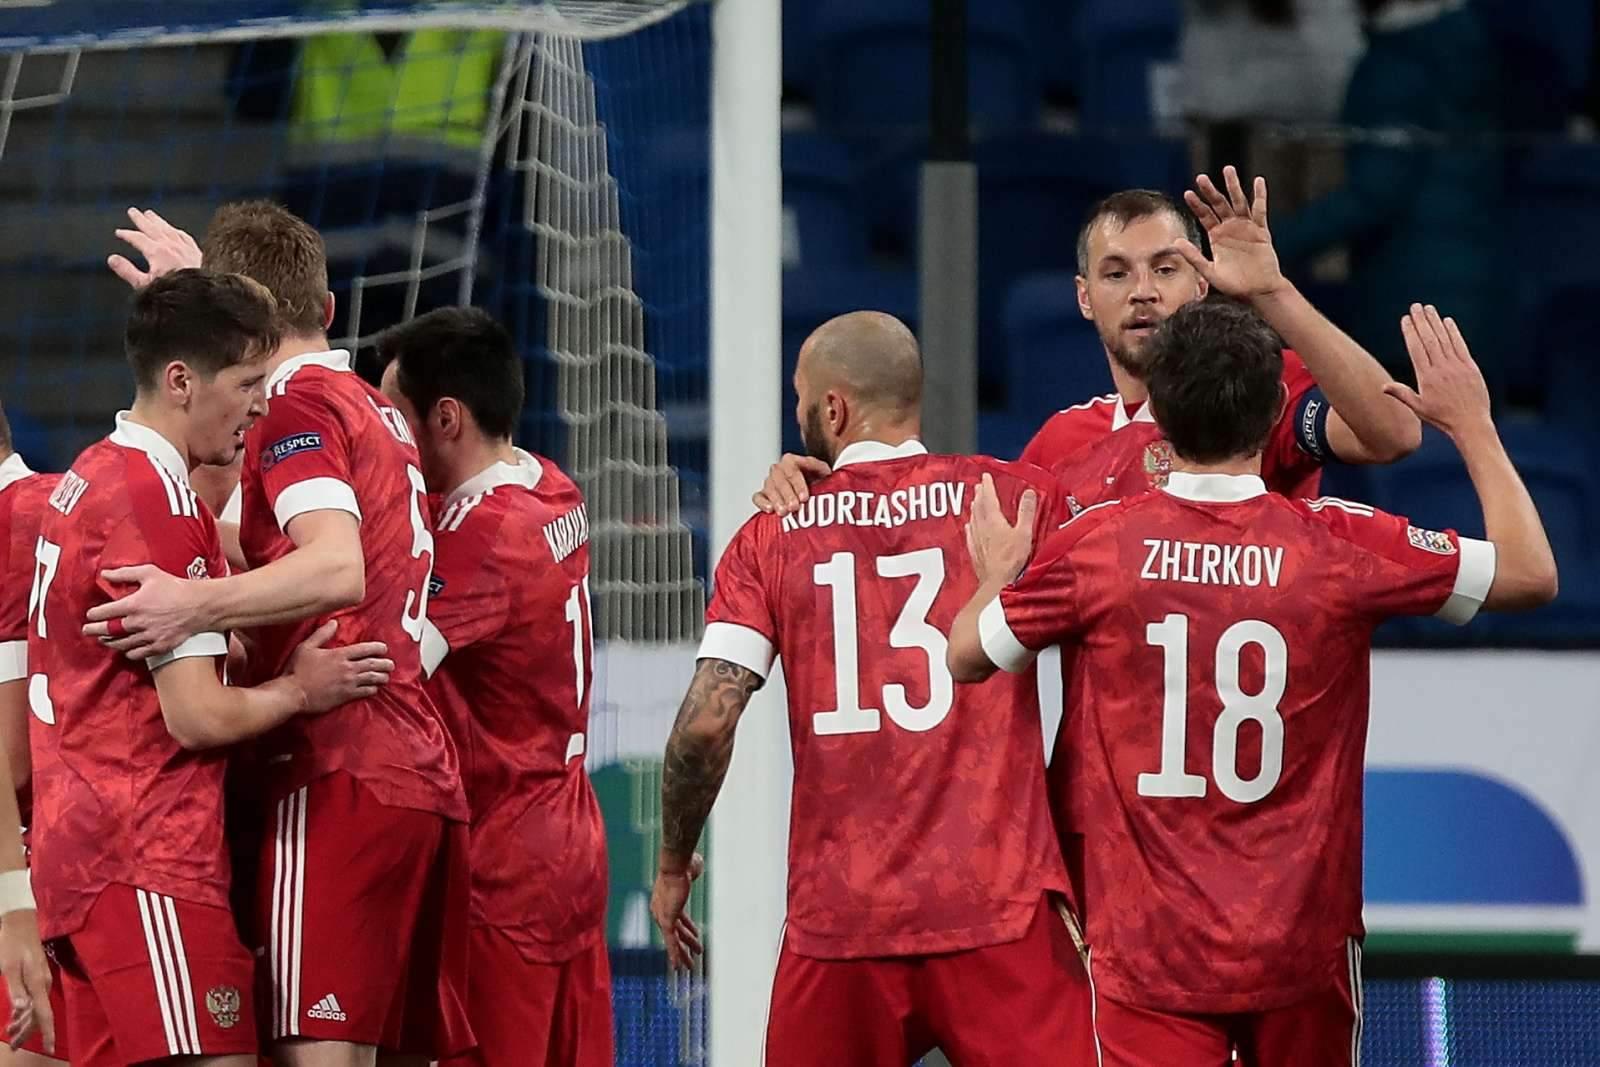 Названы соперники сборной России по товарищеским матчам перед Евро-2020